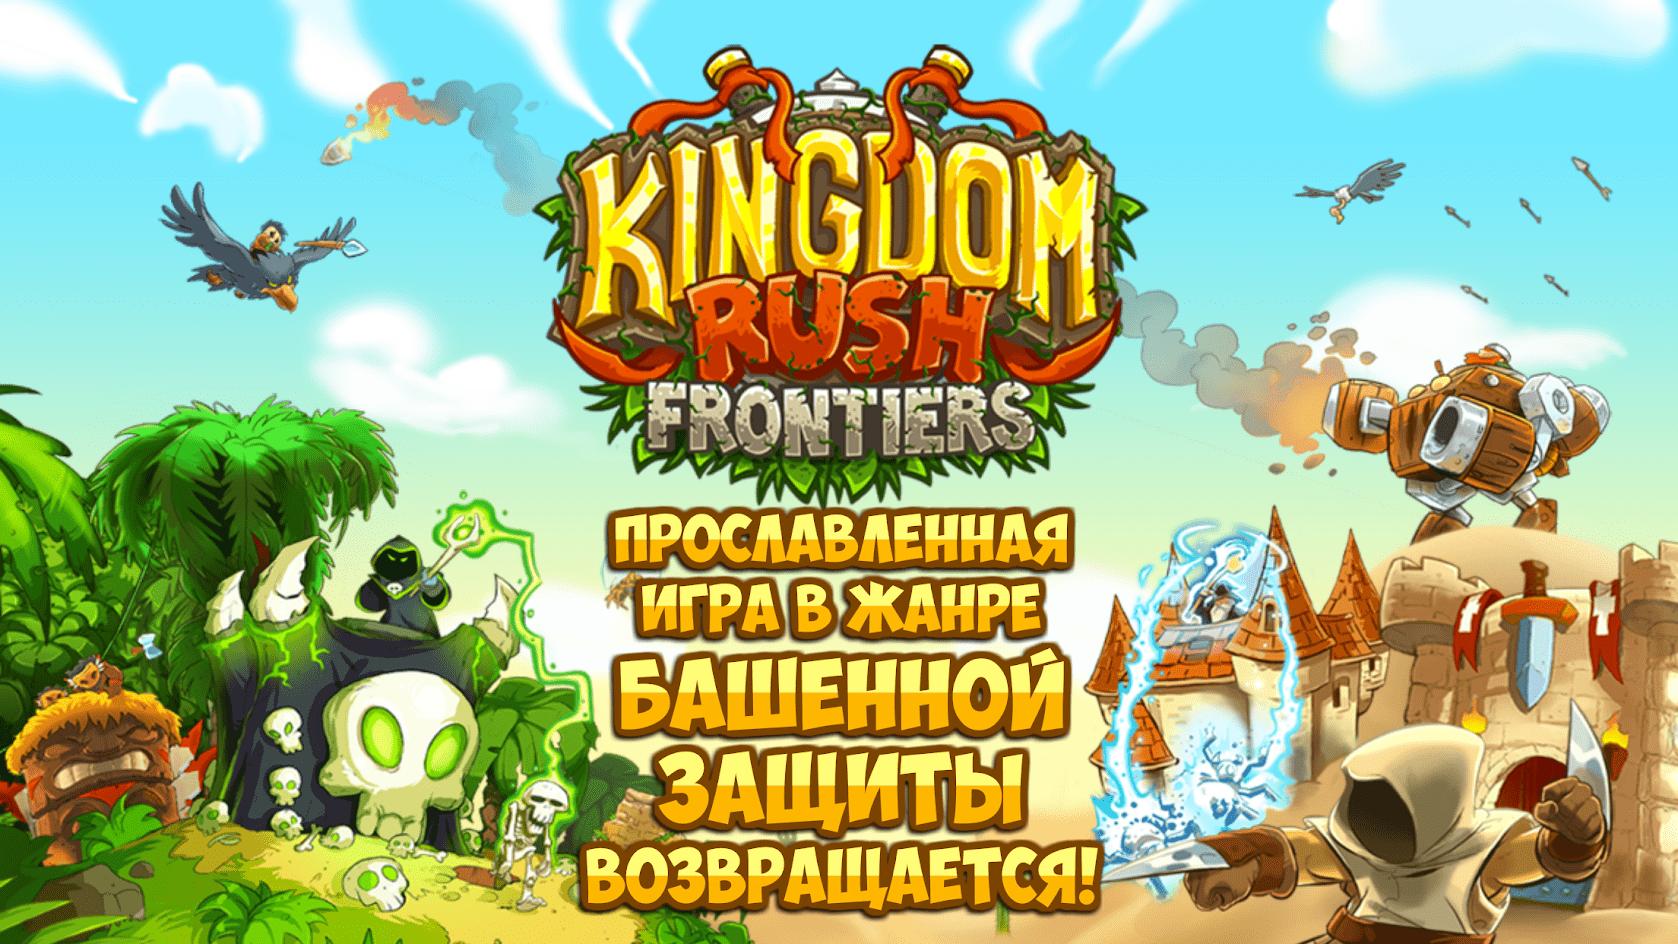 Иллюстрация на тему Скачать Kingdom Rush Frontiers на Андроид полную версию игры